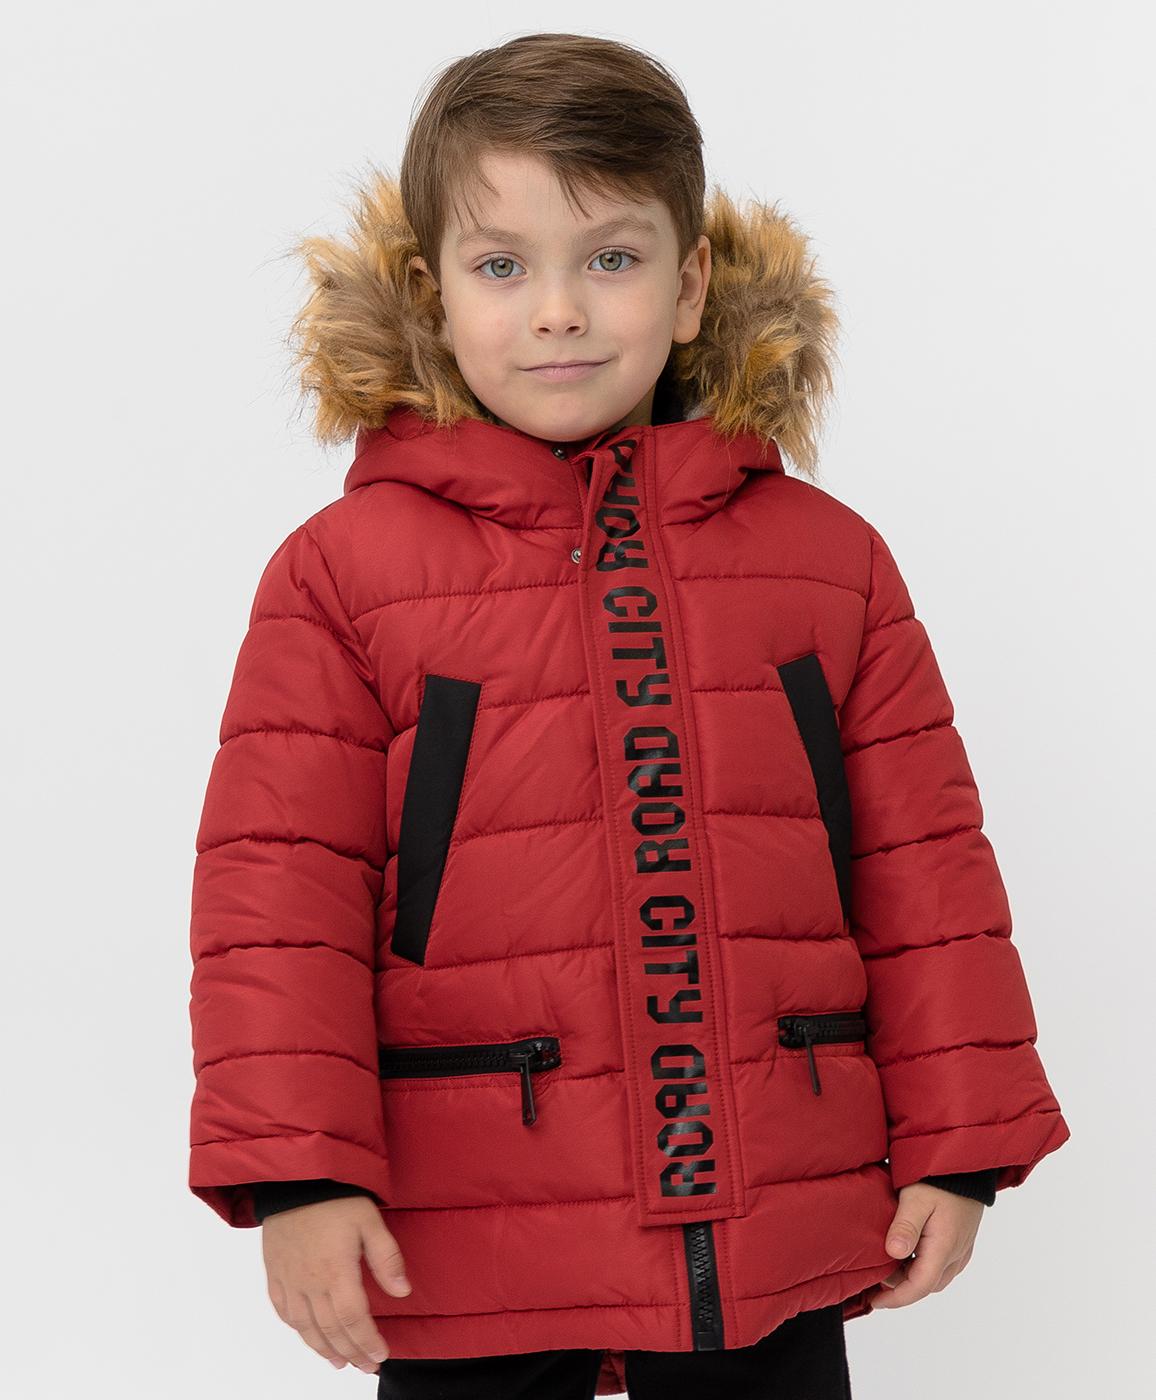 Купить 220BBBMC45013500, Красное зимнее пальто Button Blue, красный, 116, Полиэстер, Мужской, Зима, ОСЕНЬ/ЗИМА 2020-2021 (shop: GulliverMarket Gulliver Market)